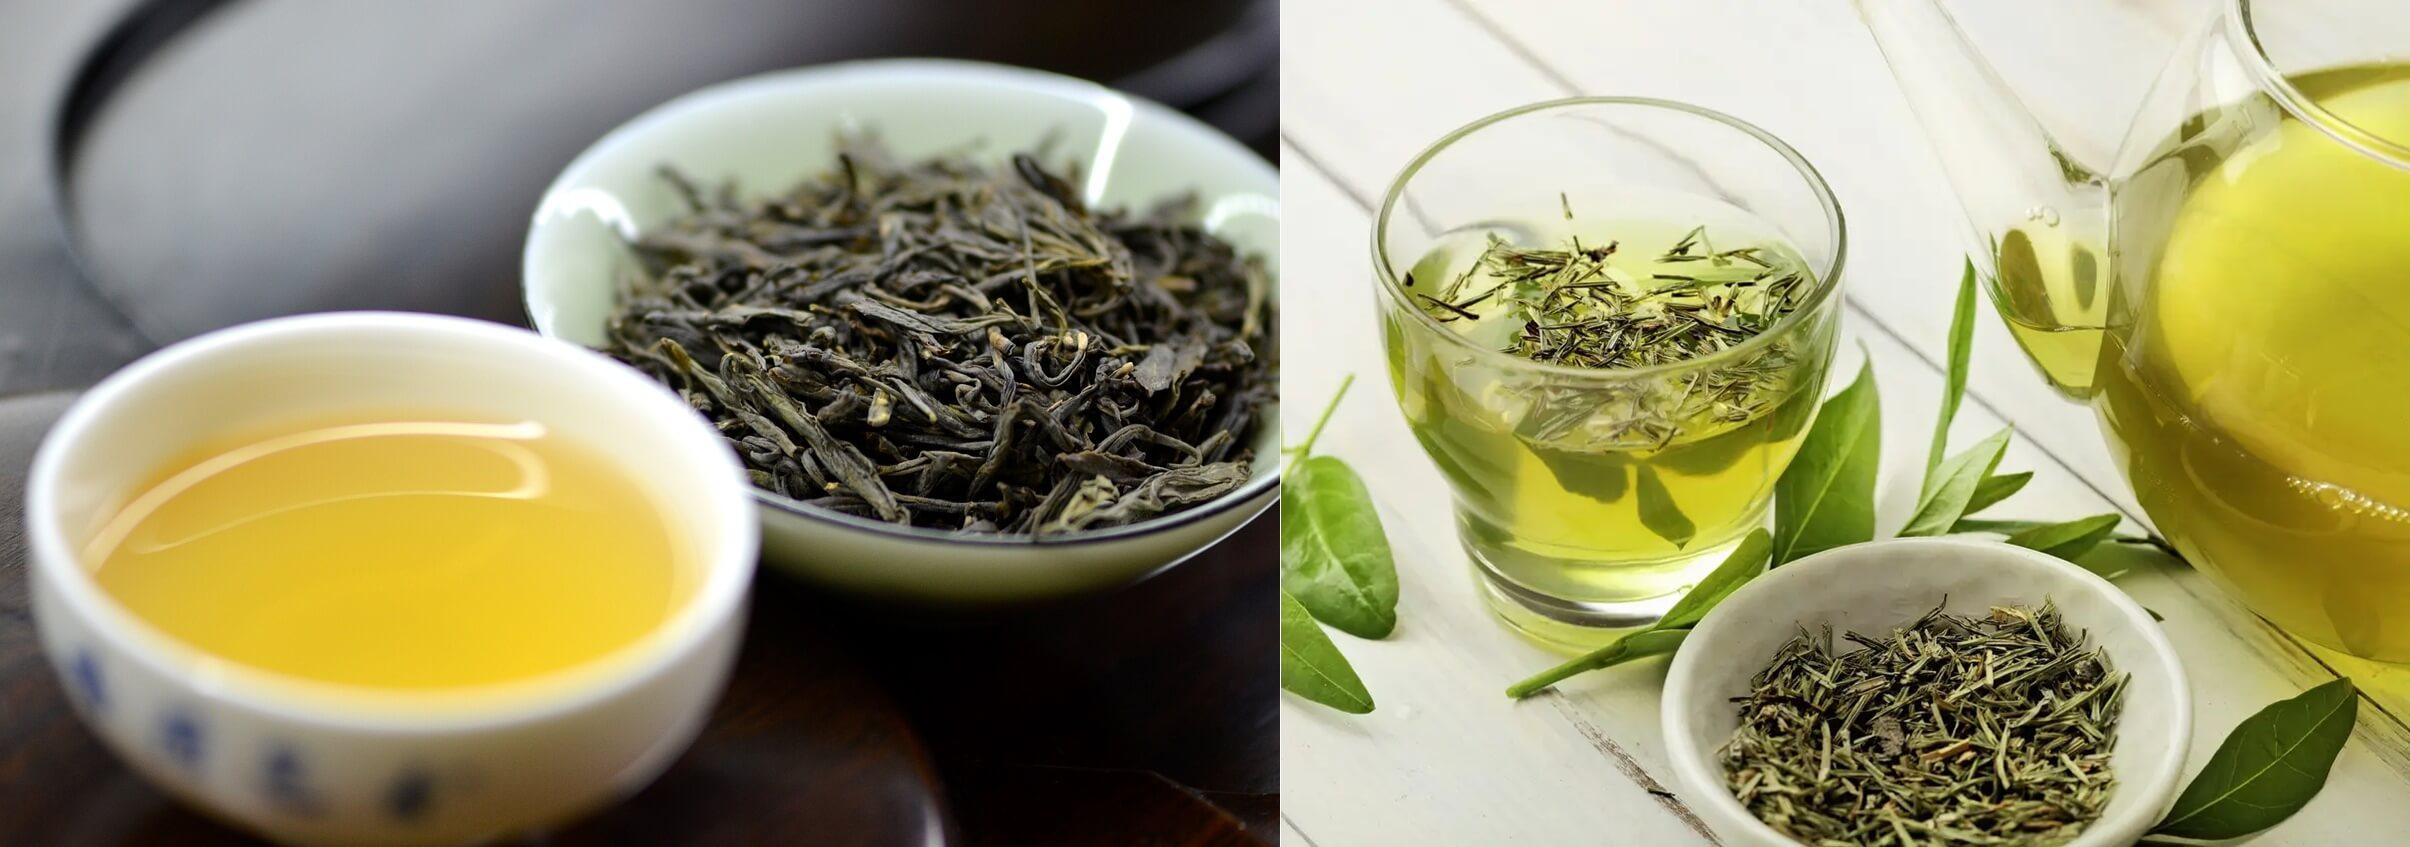 16251187861 horz - Why Do You Need a Tea Tin Storage To Store Tea?